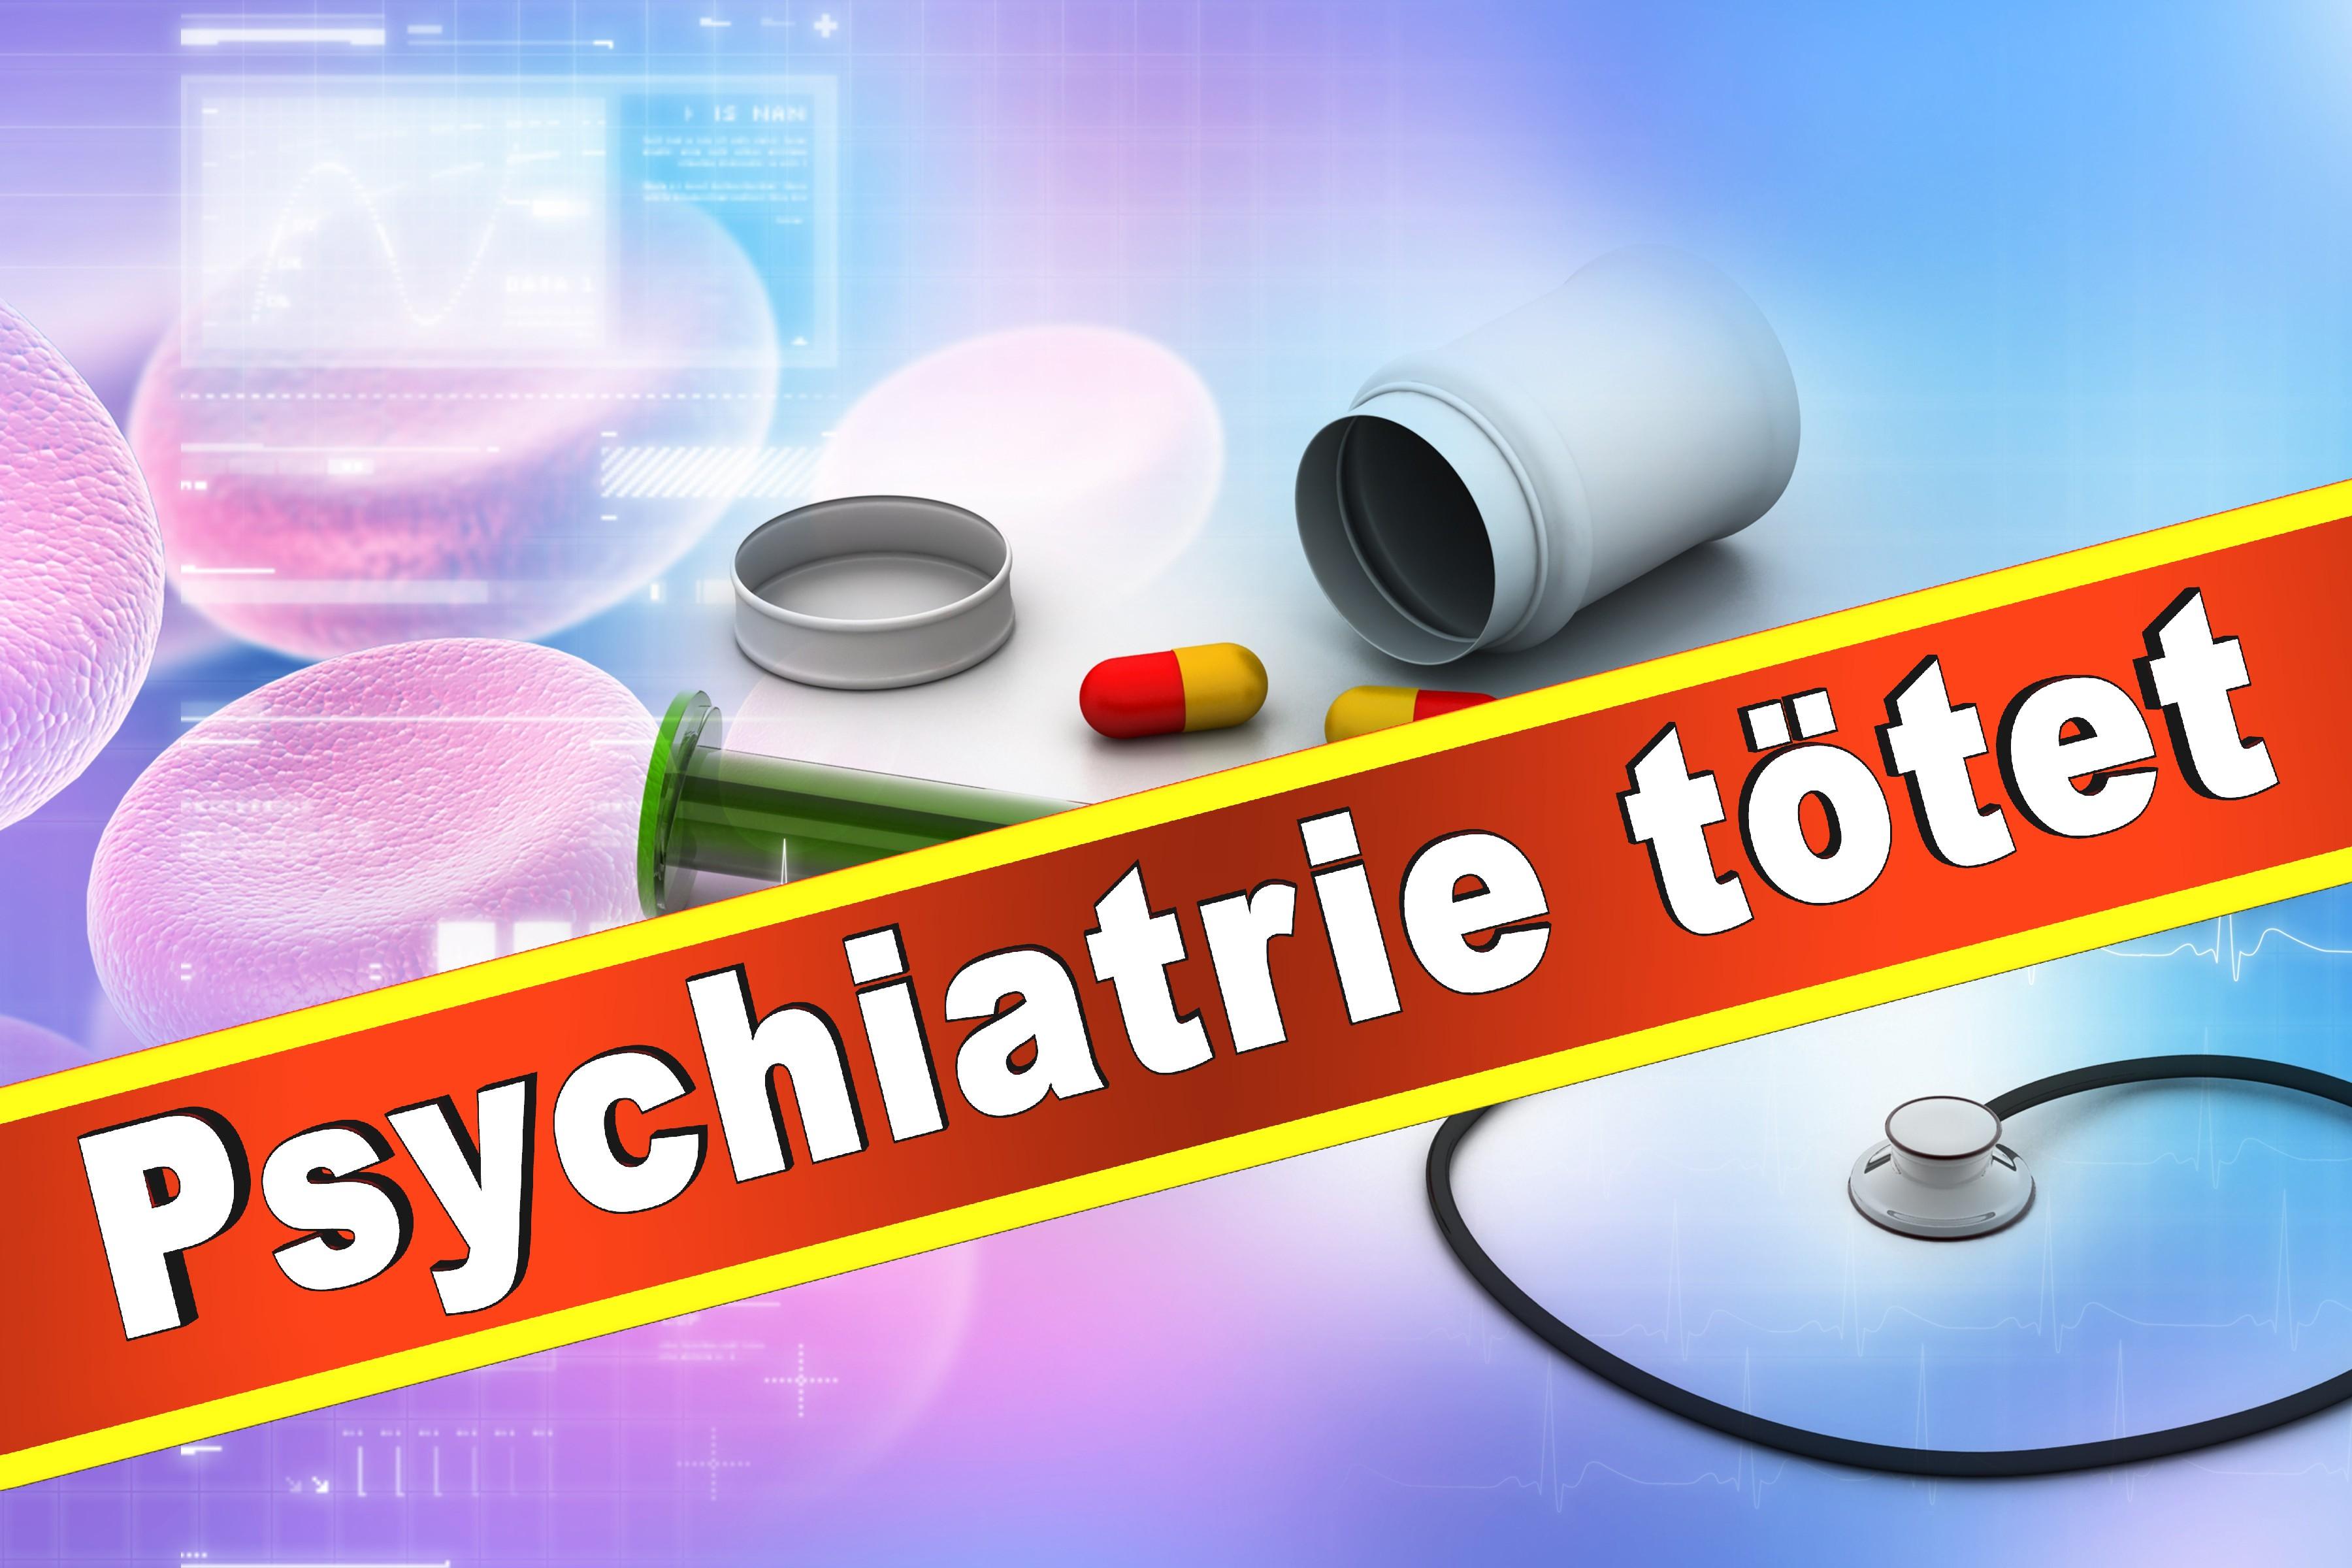 Wielant Machleidt Psychiater Psychotherapeut Professor Praxis Der Interkulturellen Psychiatrie Und Psychotherapie Medizinische Hochschule Hannover Klinik Für Psychiatrie Sozialpsychiatrie (16)